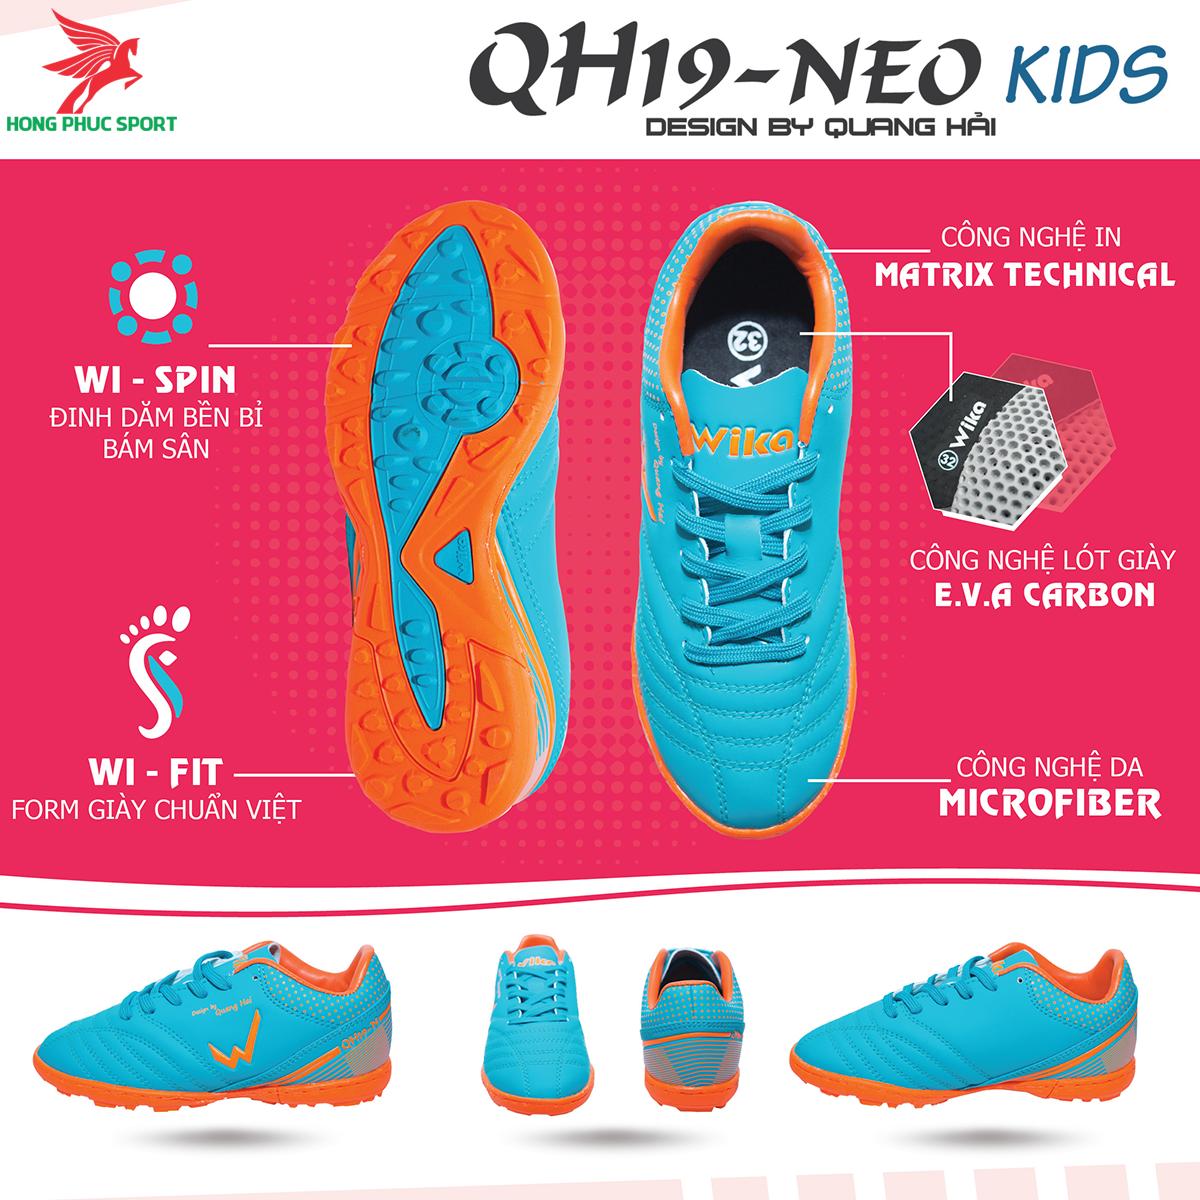 Giày đá banh Wika QH19 Neo Kids sân cỏ nhân tạo màu Xanh ngọc (1)